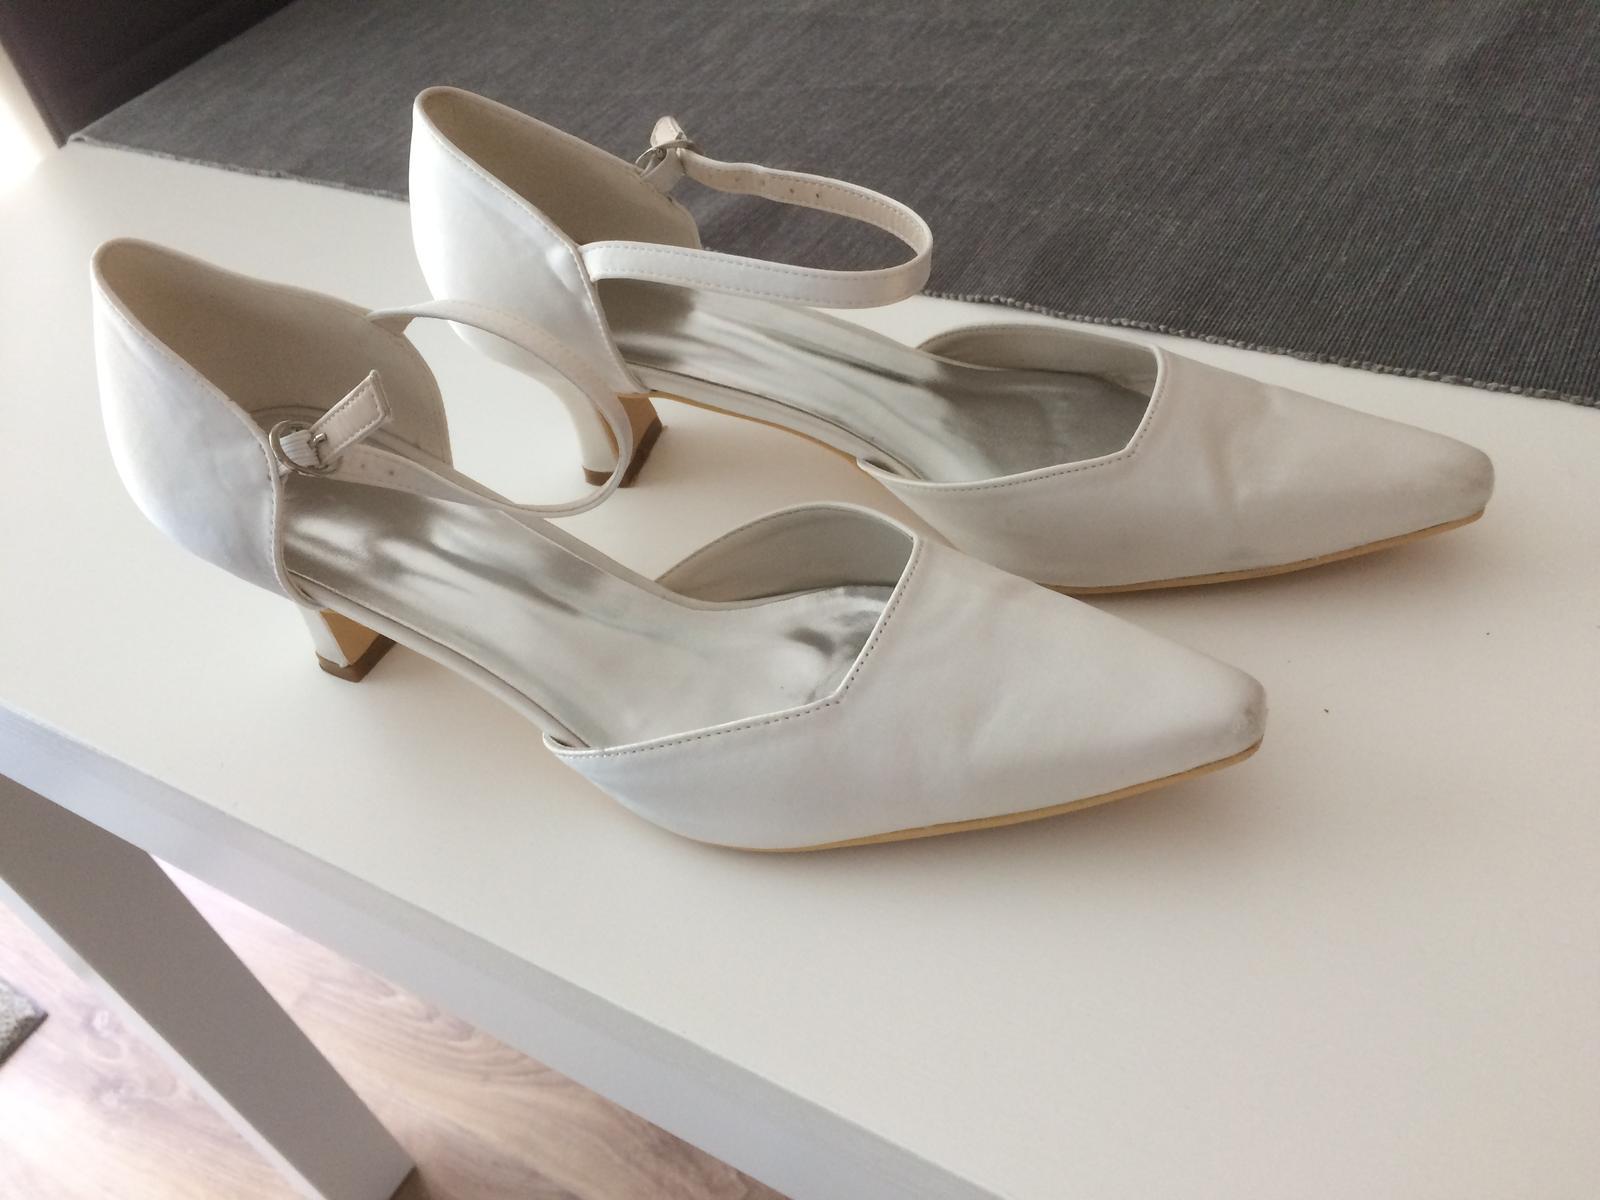 svadobné topánky č. 41 farba ivory - Obrázok č. 2